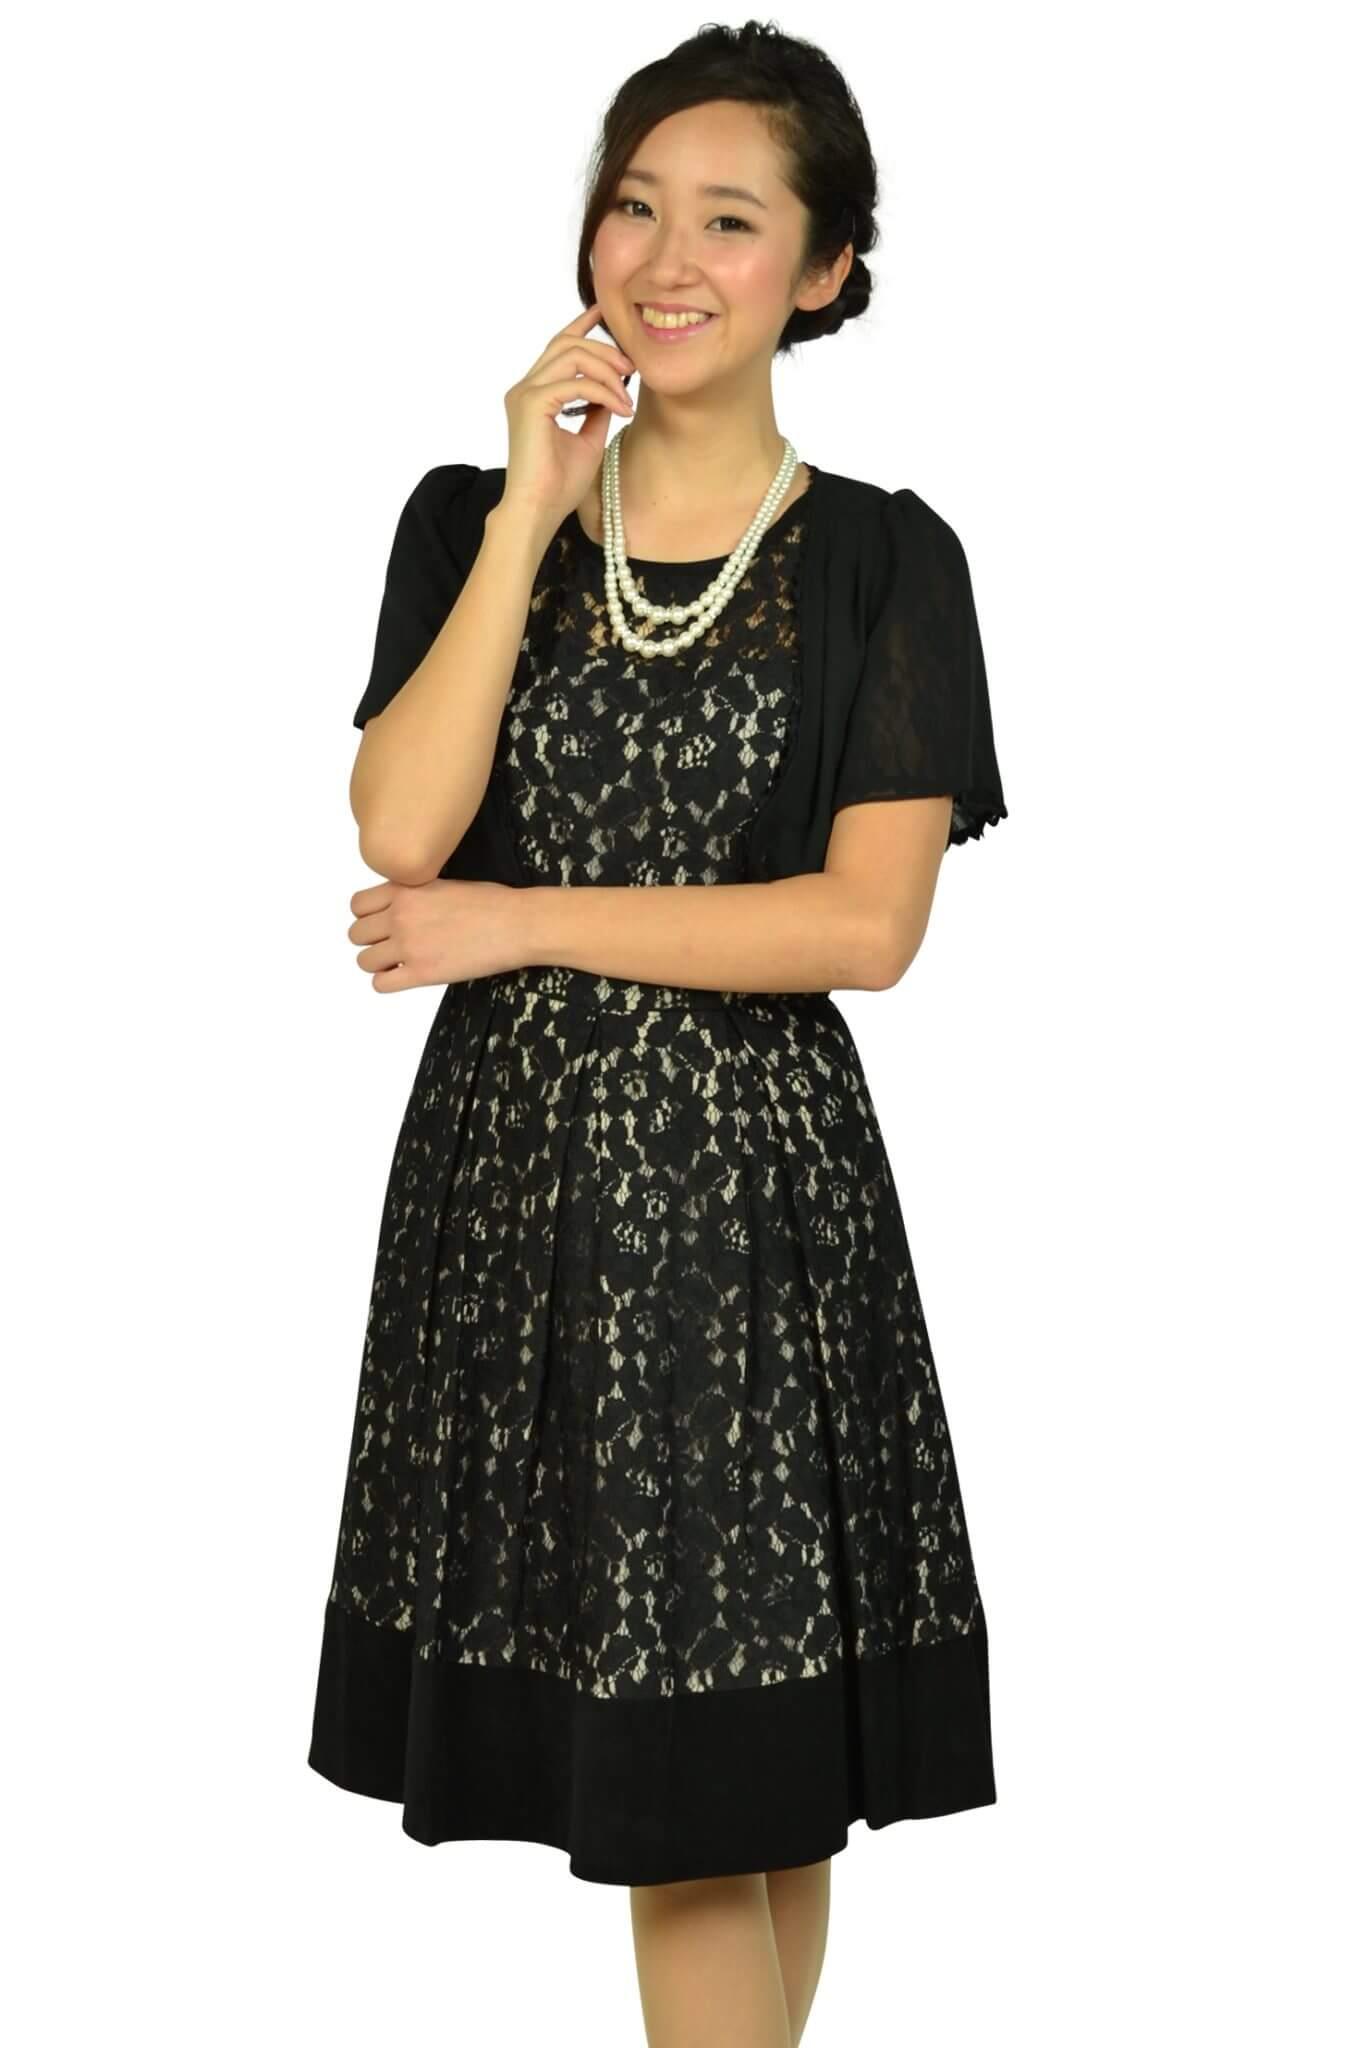 カルバンクライン (Calvin Klein)ブラックフラワーレースドレスセット